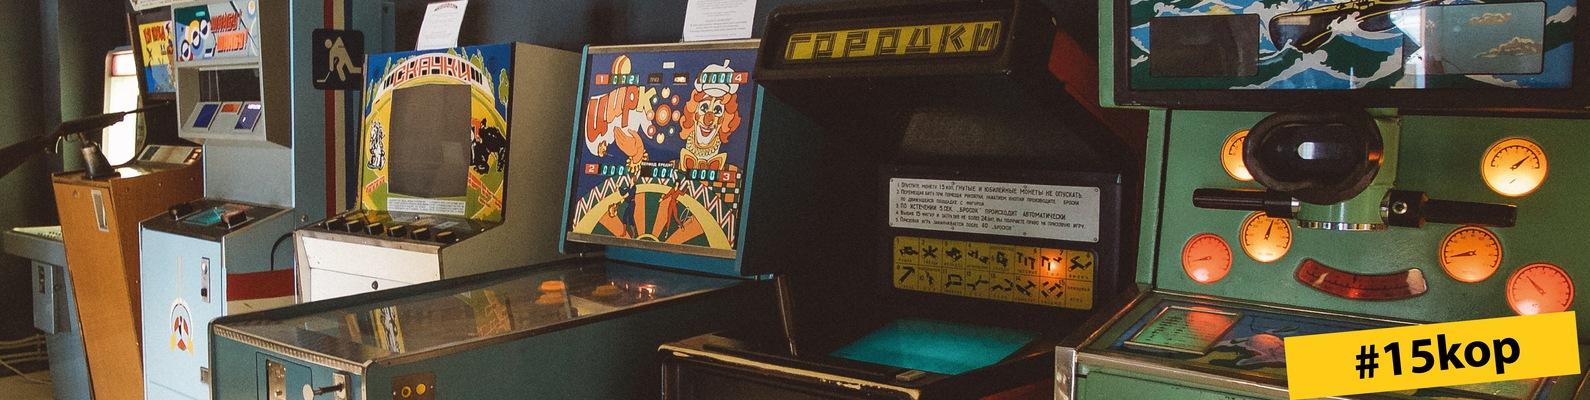 Куда пожаловаться на игровые автоматы в москве правила игры в игровые автоматы в казино